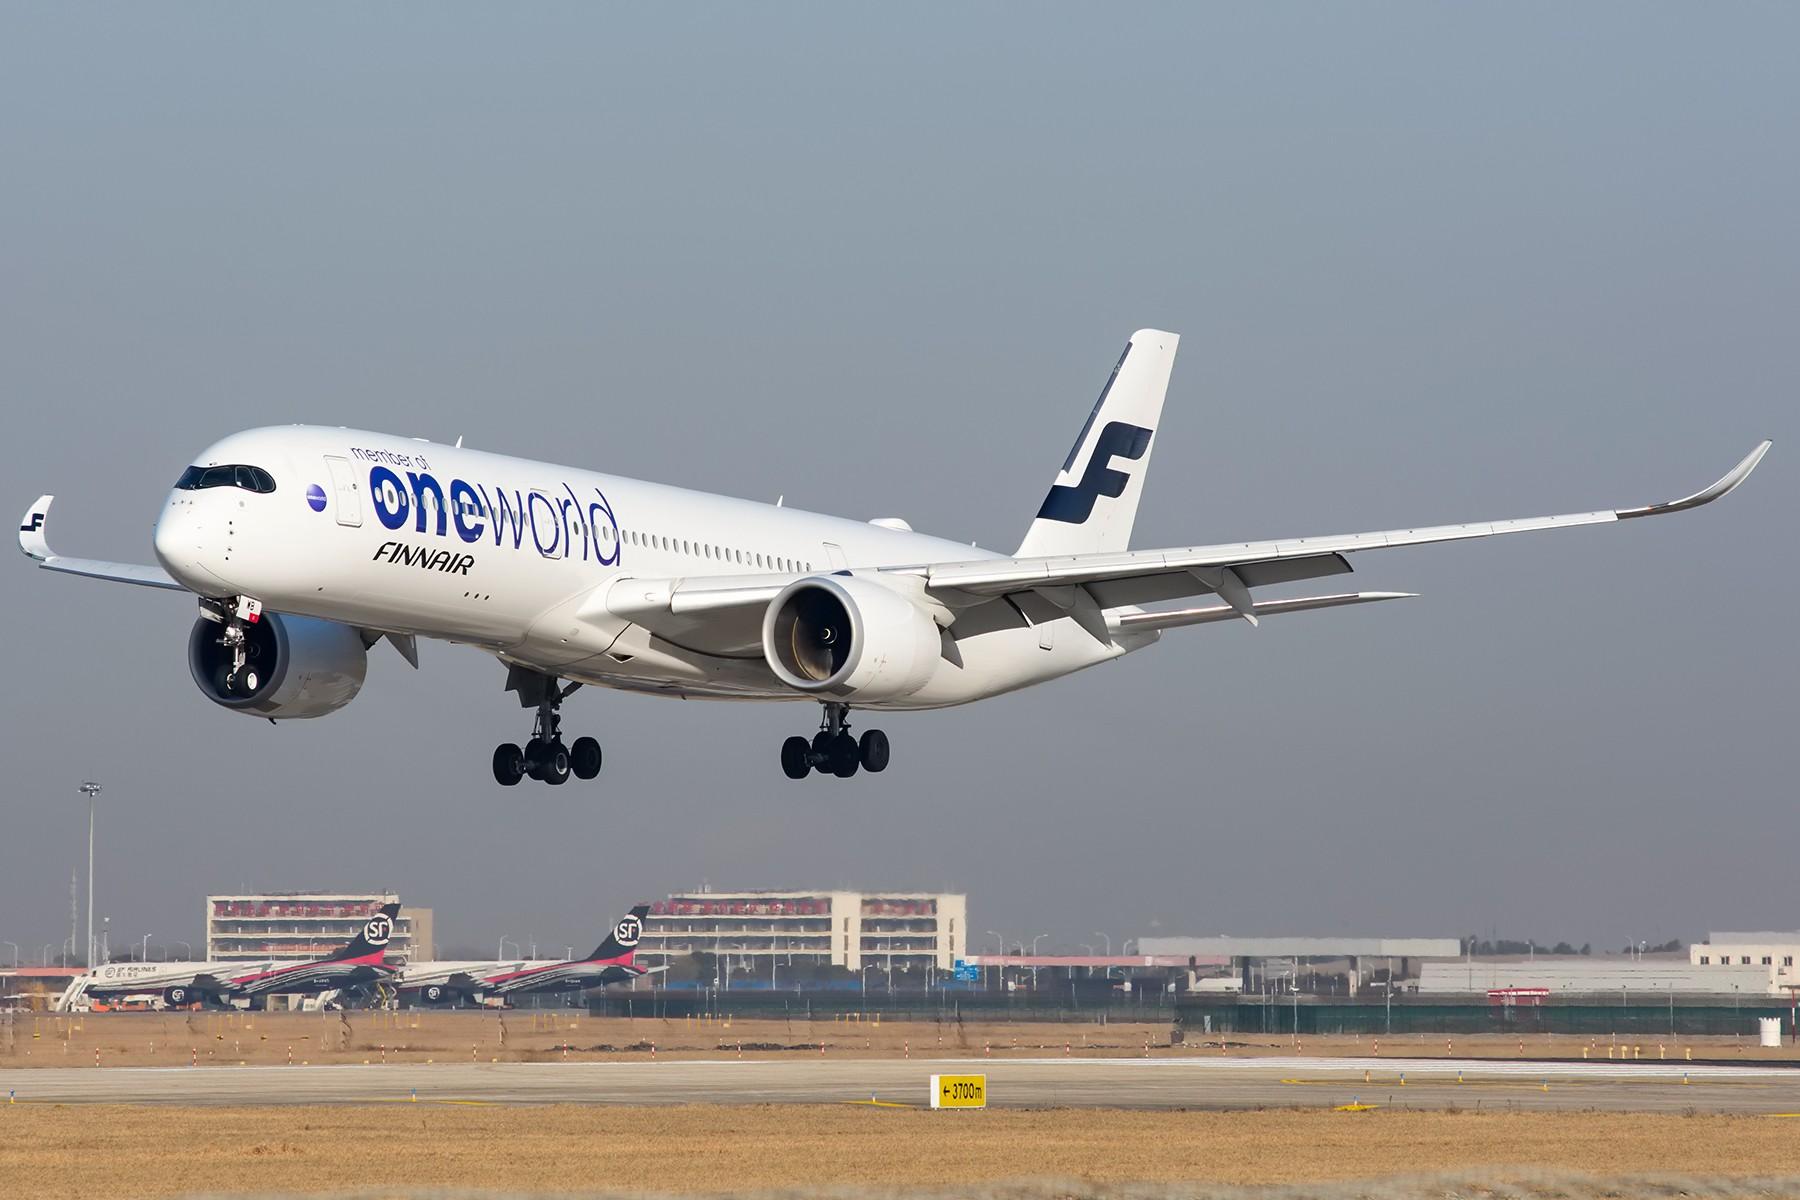 [原创][PVG]发图求好天——芬兰航空A350-900 One World 涂装 OH-LWB AIRBUS A350-900 OH-LWB 中国上海浦东国际机场